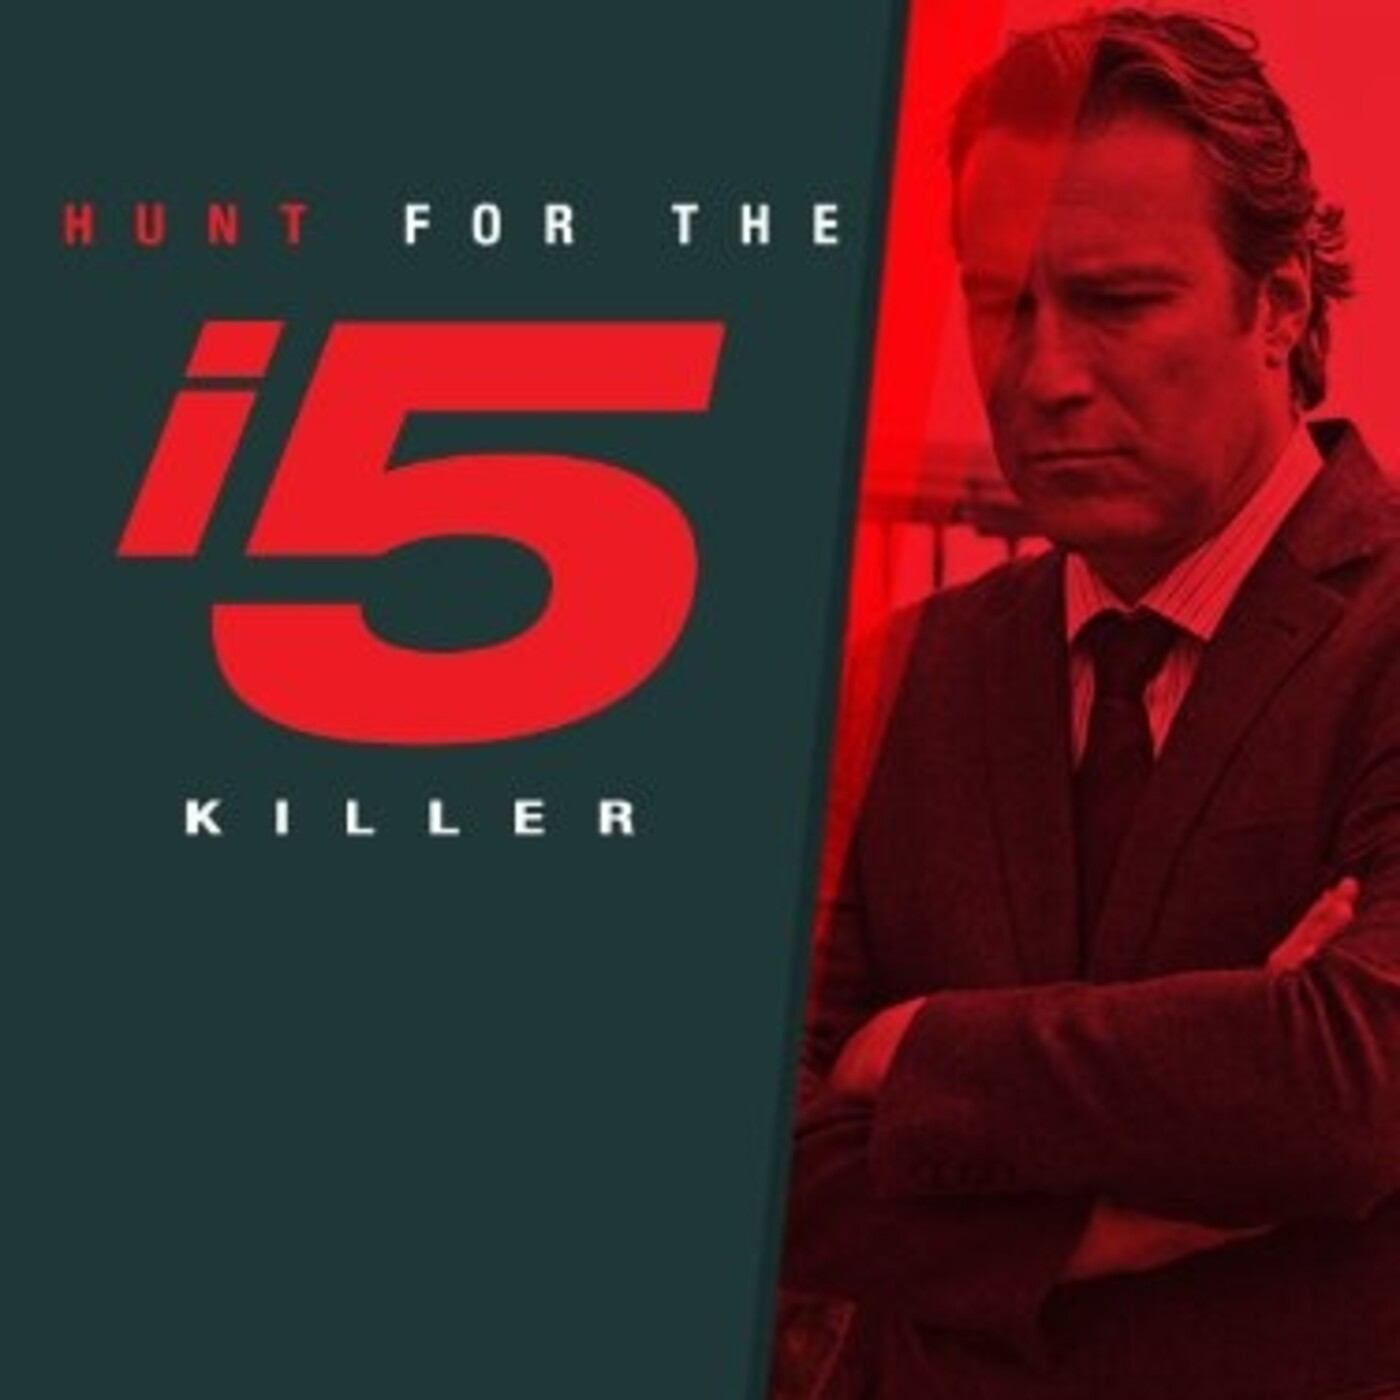 El Ssesino de la I-5 (2011) #Thriller #Acción #peliculas #audesc #podcast